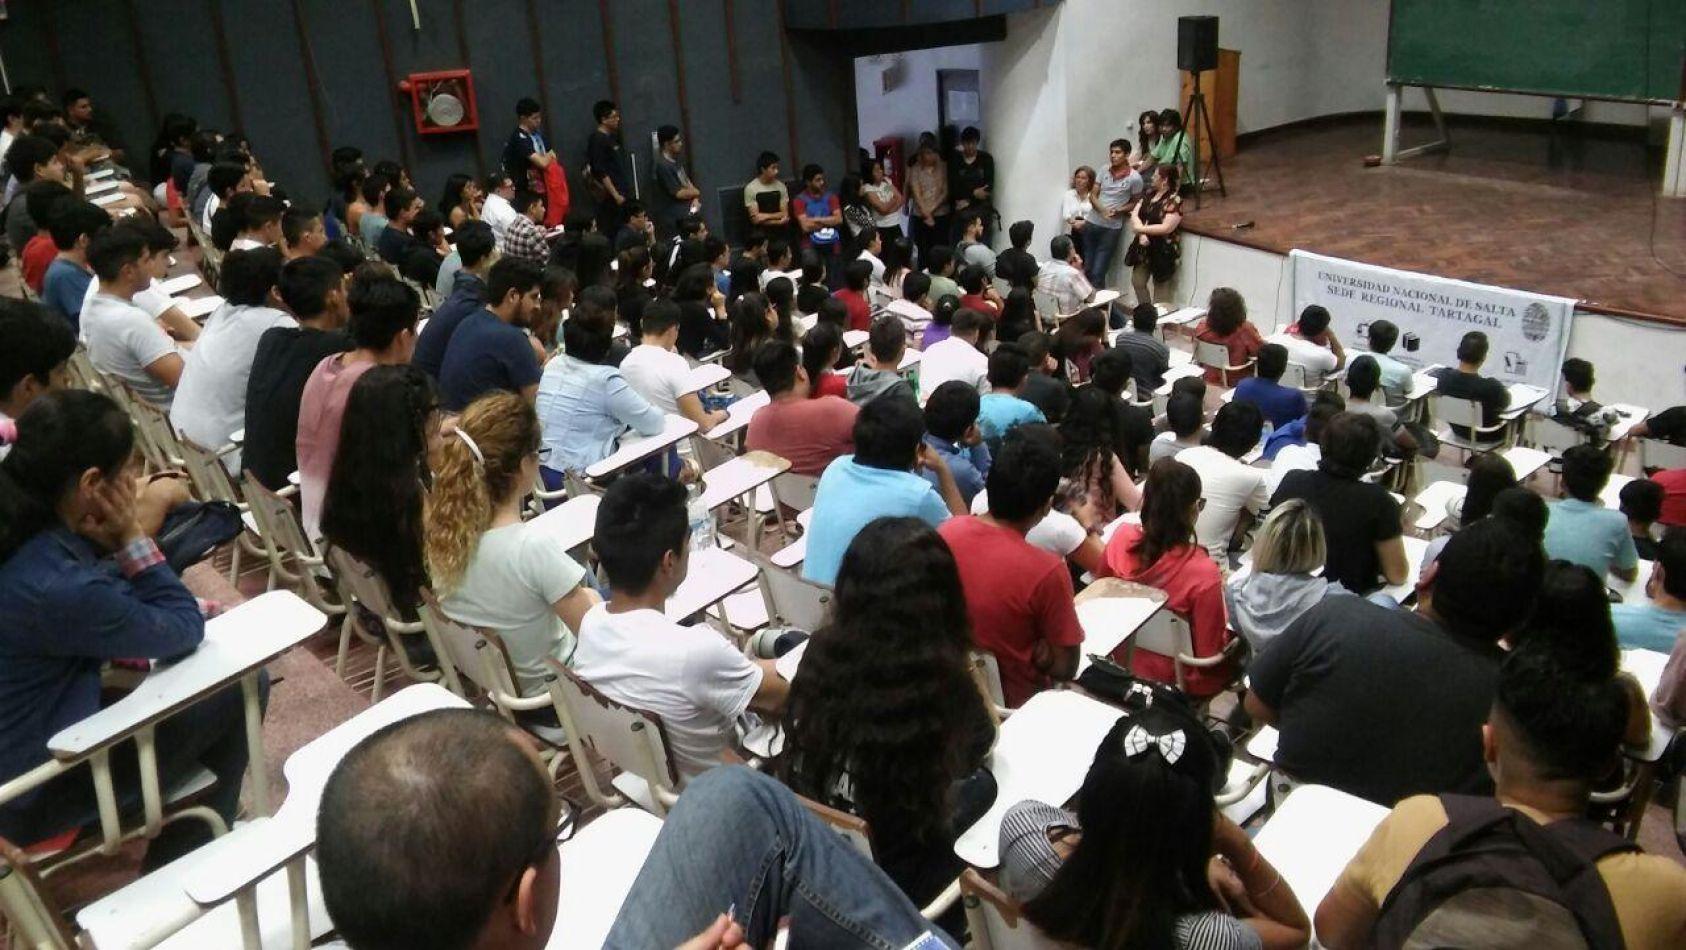 Universitarios en suspenso: Desde Nación indican que serían los últimos en retomar clases presenciales